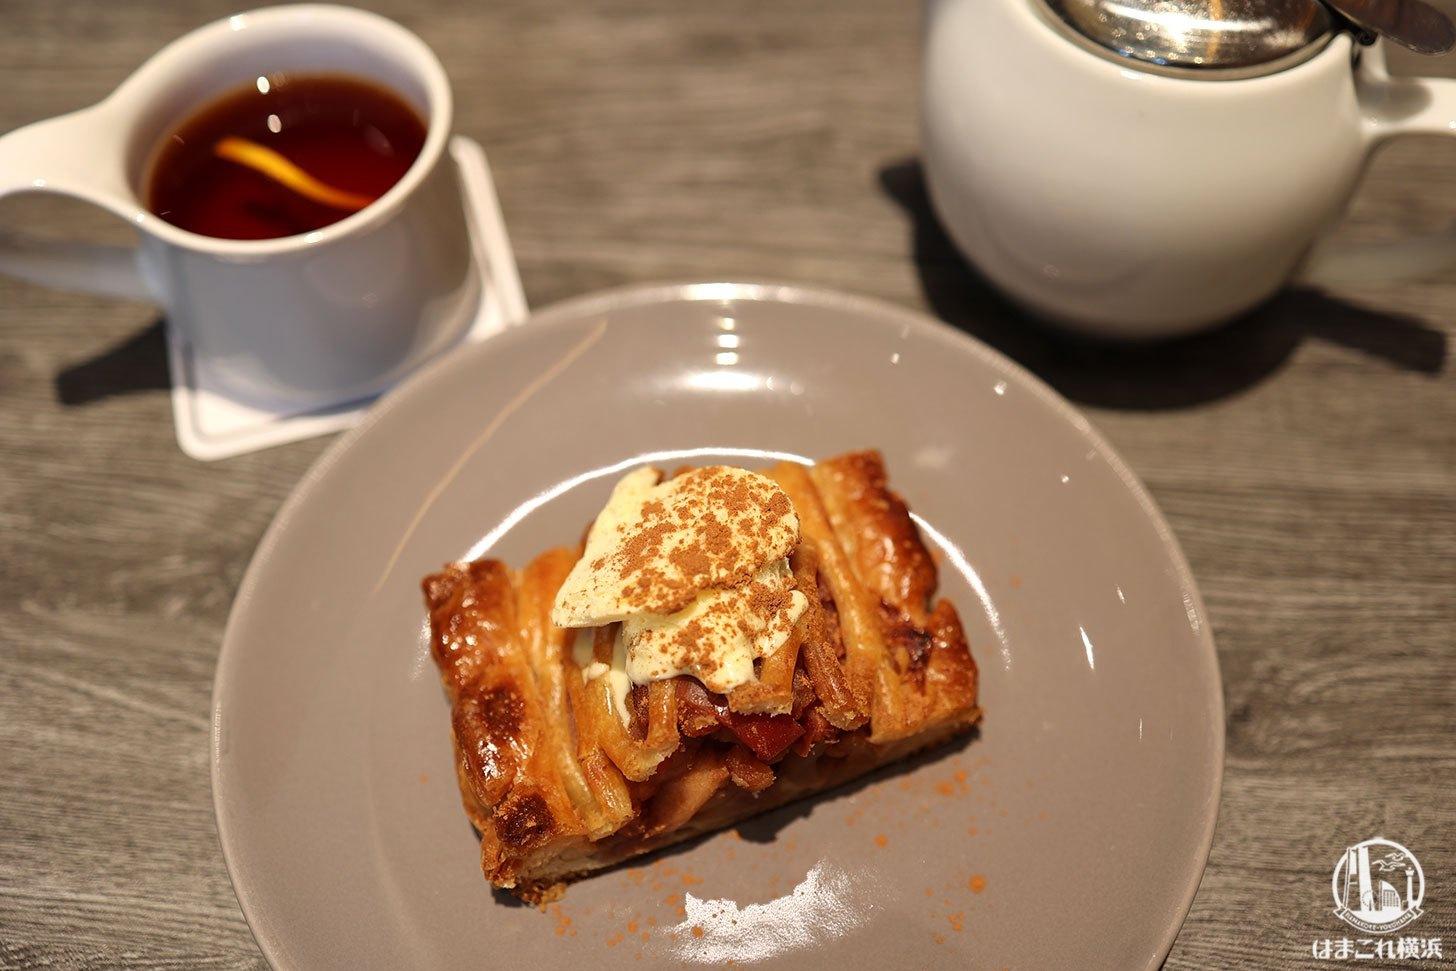 紅玉とふじりんごのアップルパイとディンブラ